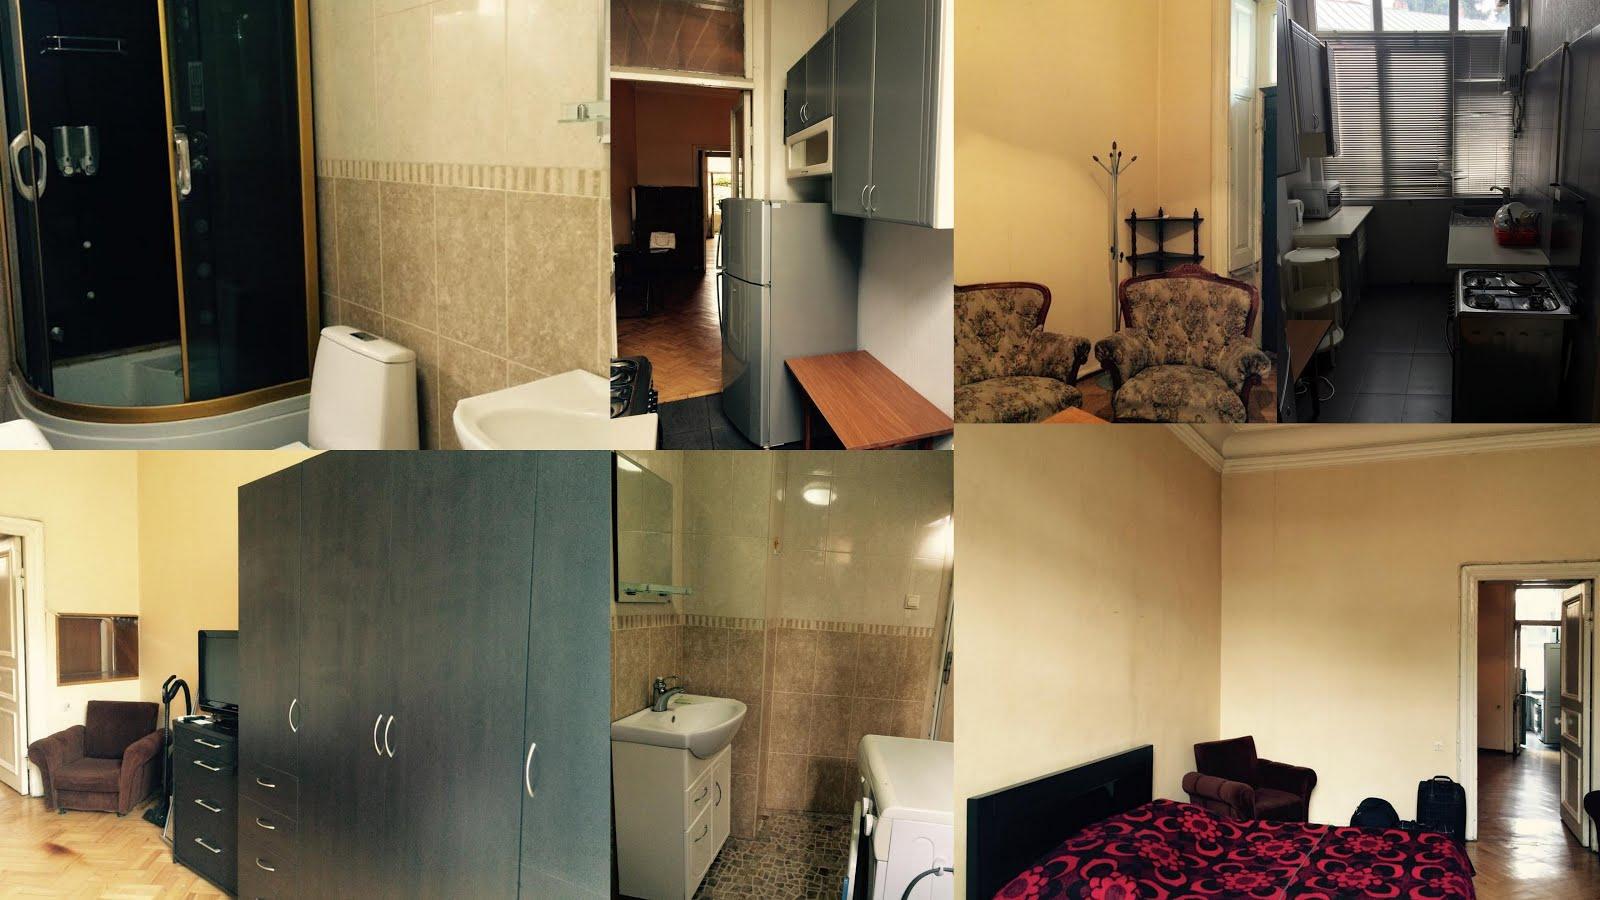 ქირავდება ბინა, 2 ოთახი, მე-2 სართული, უზრუნველყოფილია: ავეჯით, ტექნიკით, საკაბელო ტელევიზიით,